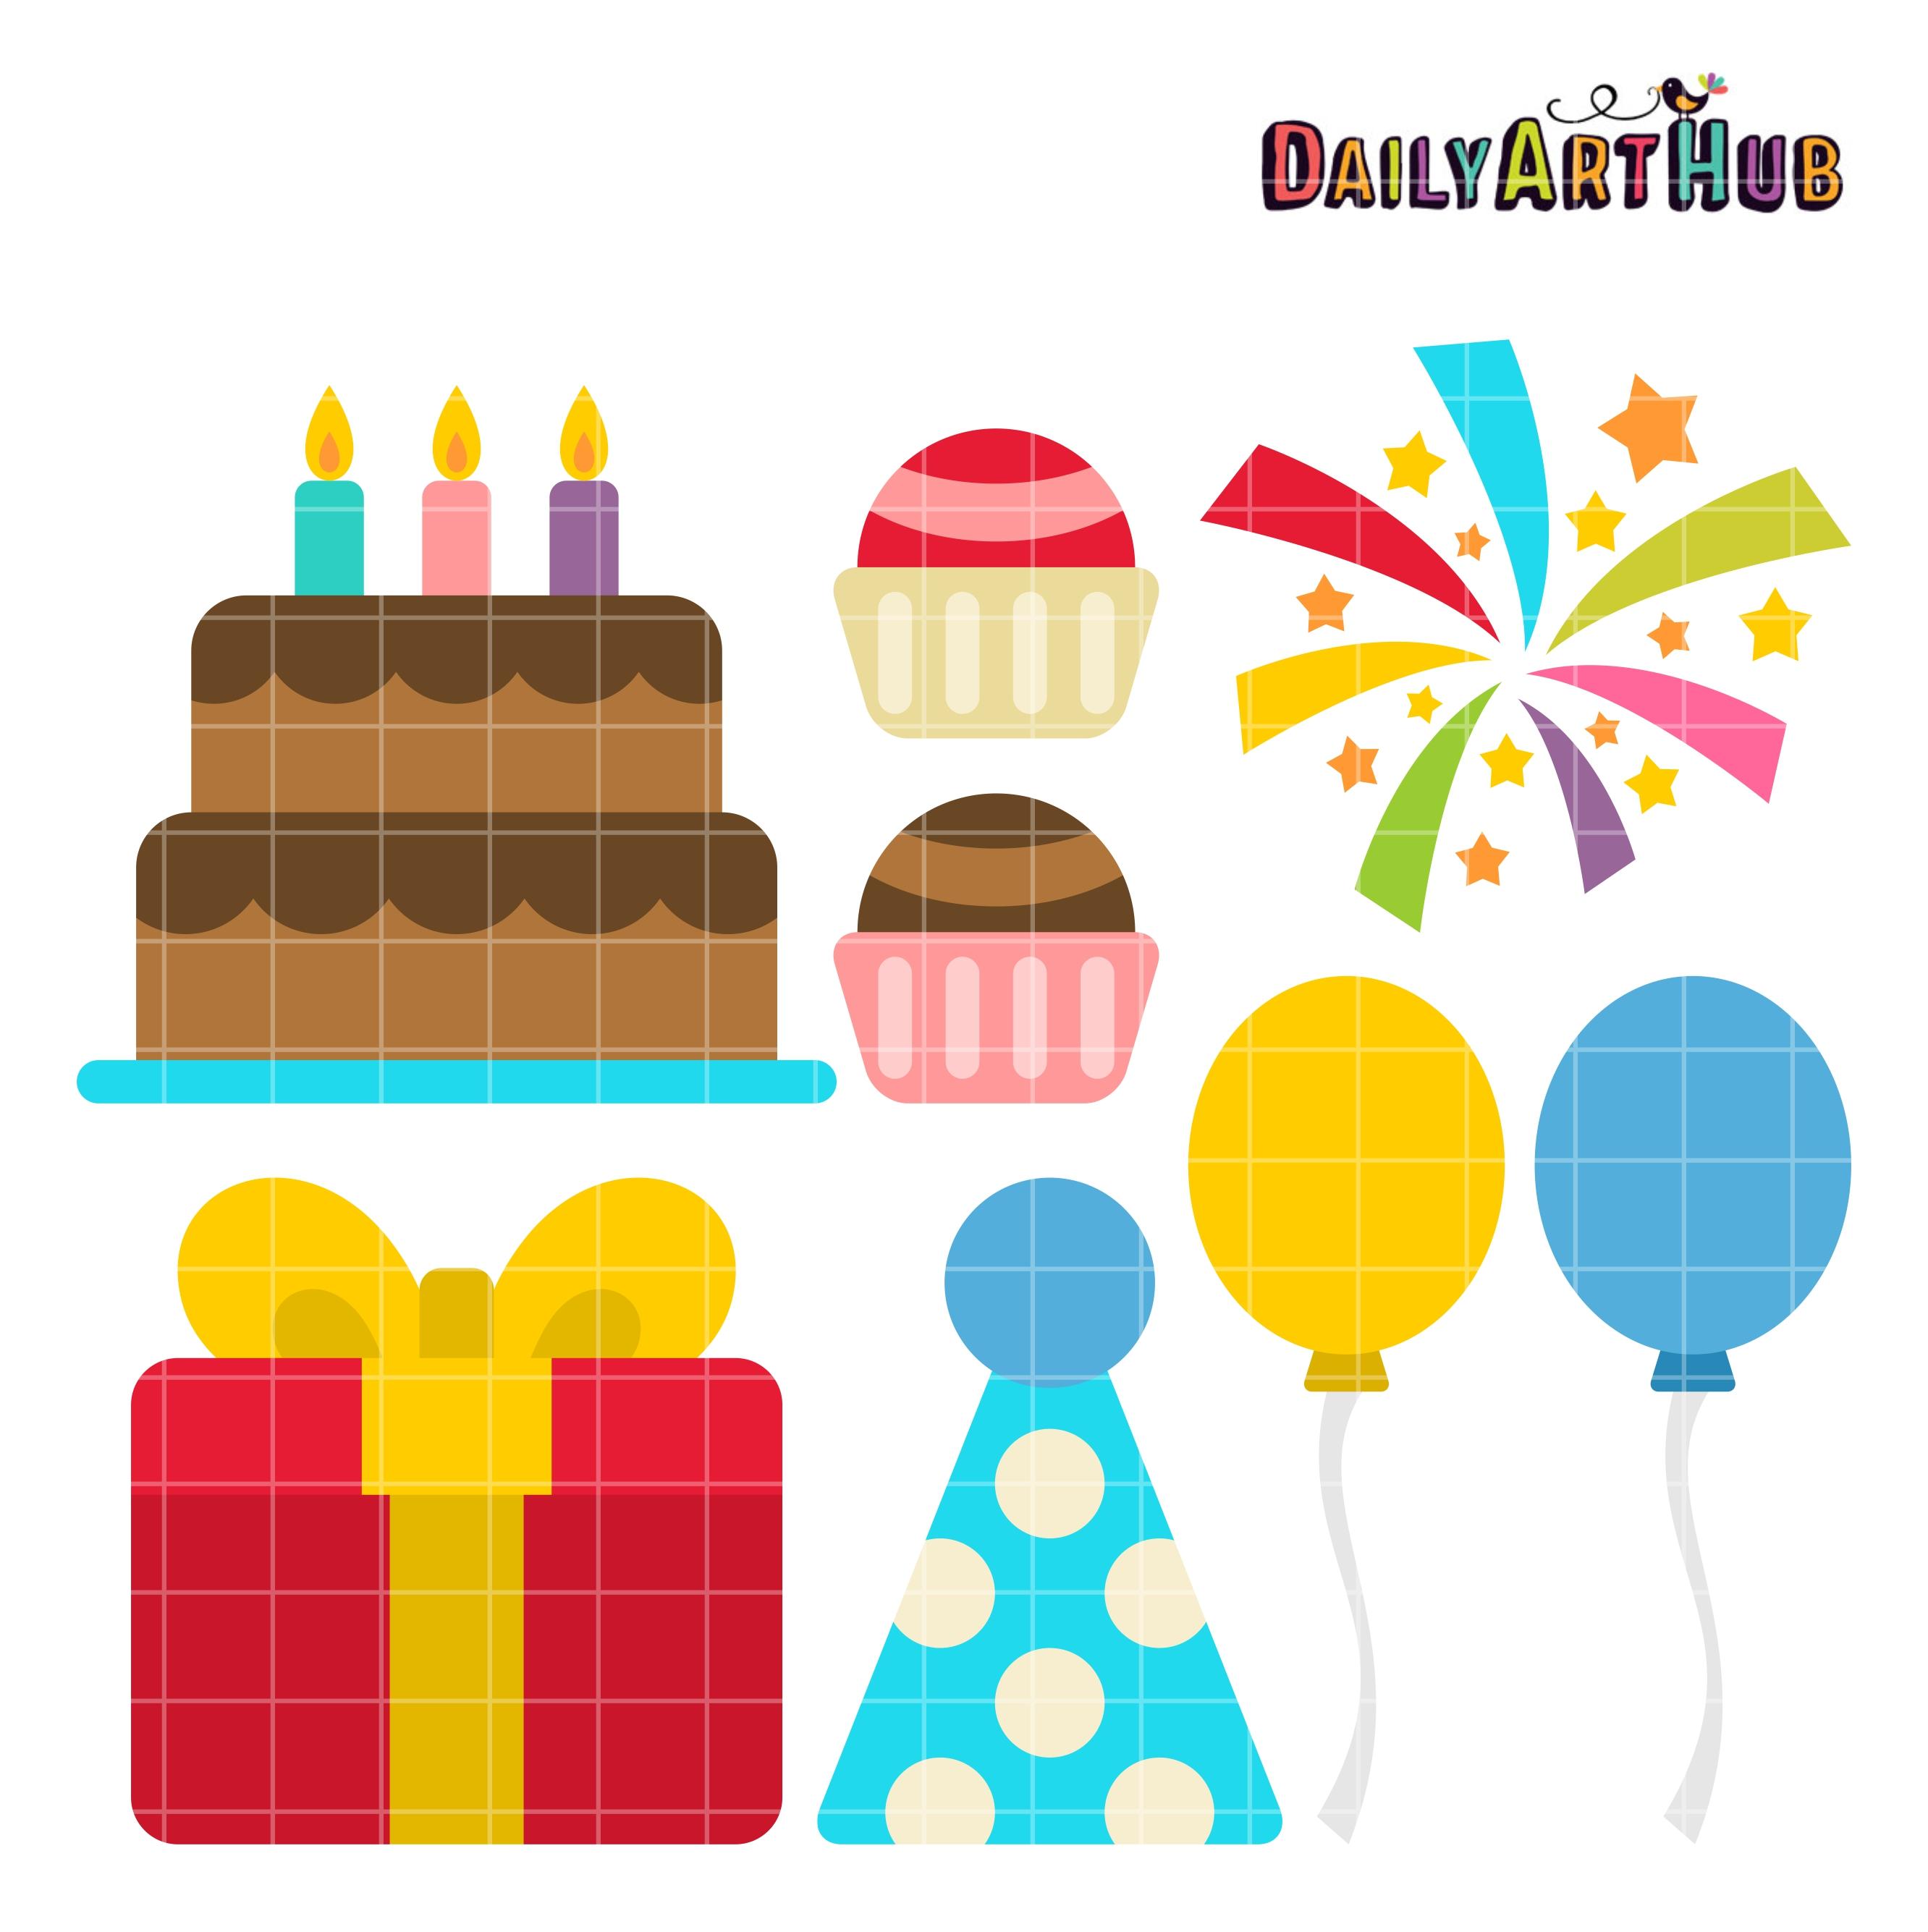 Free birthday things : Birthday things clip art set daily hub free